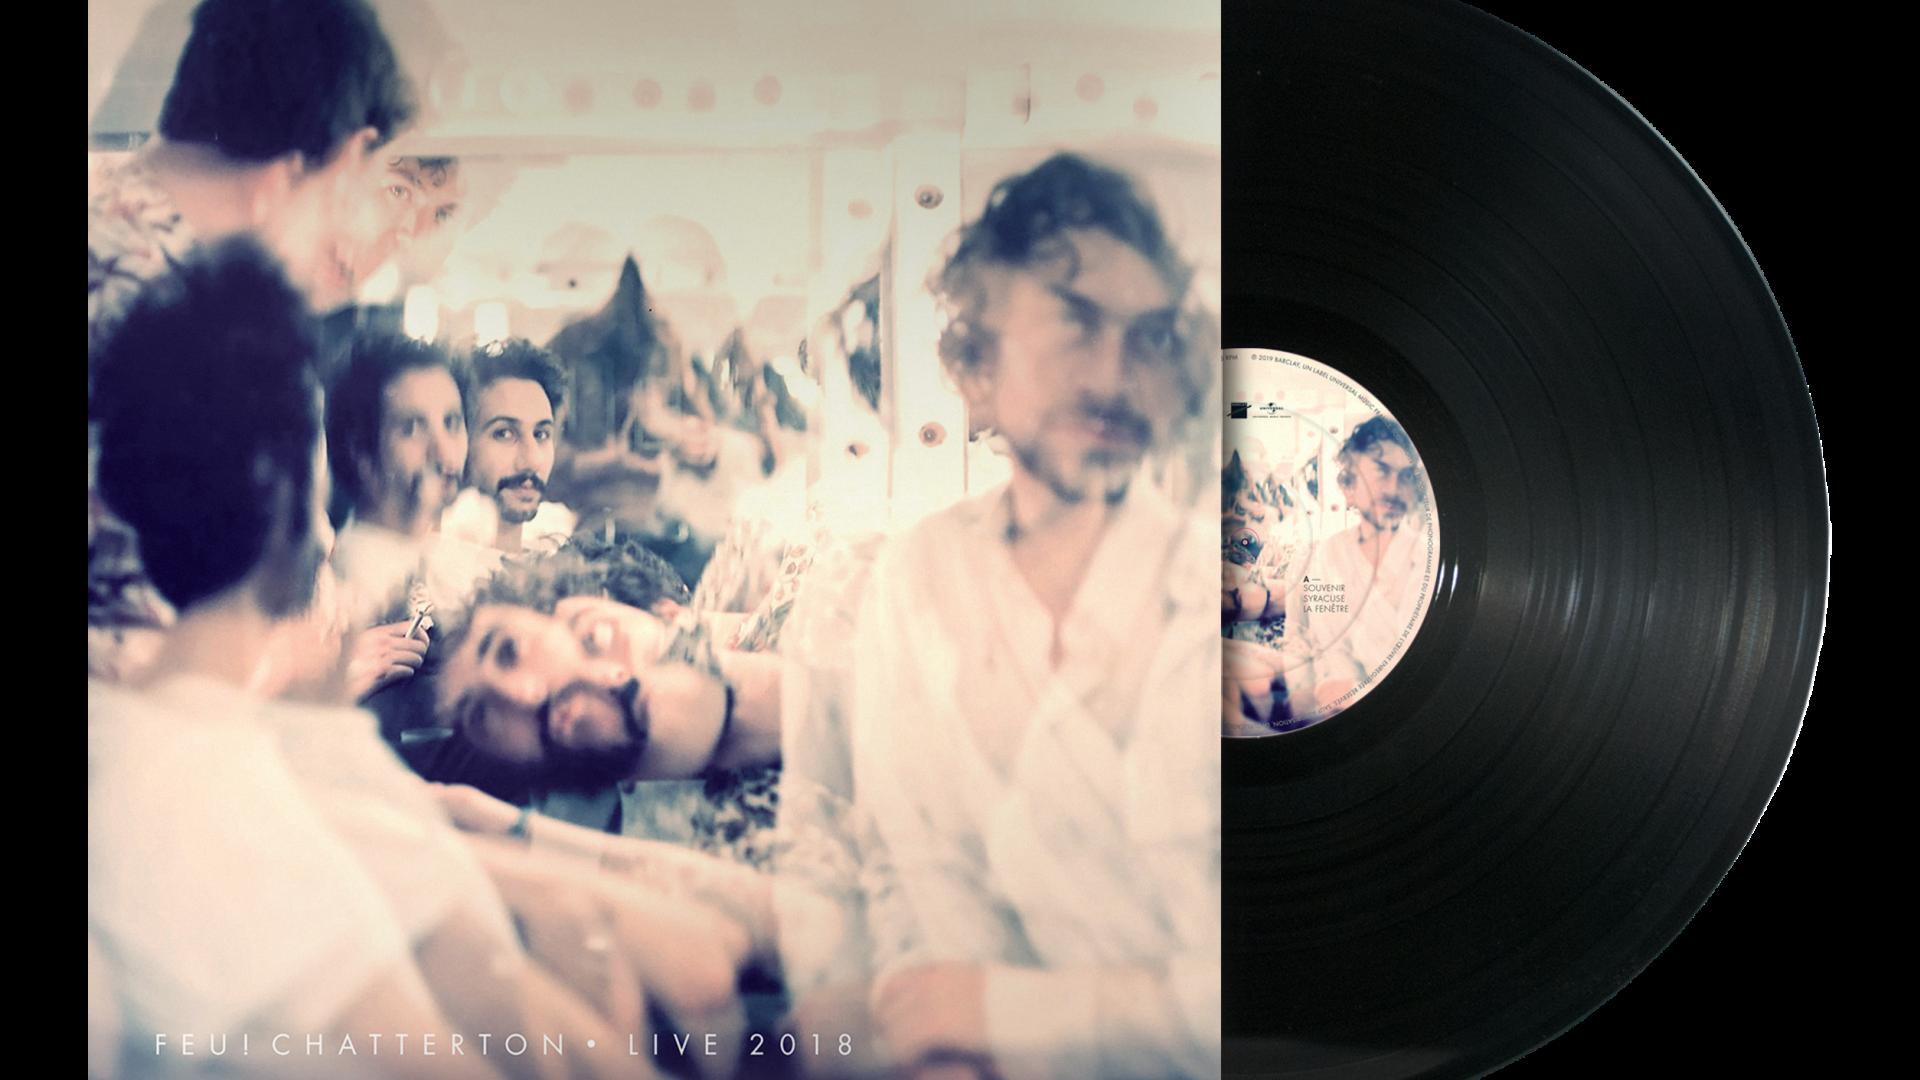 Pochette du vinyle Feu!Chatterton Live 2018